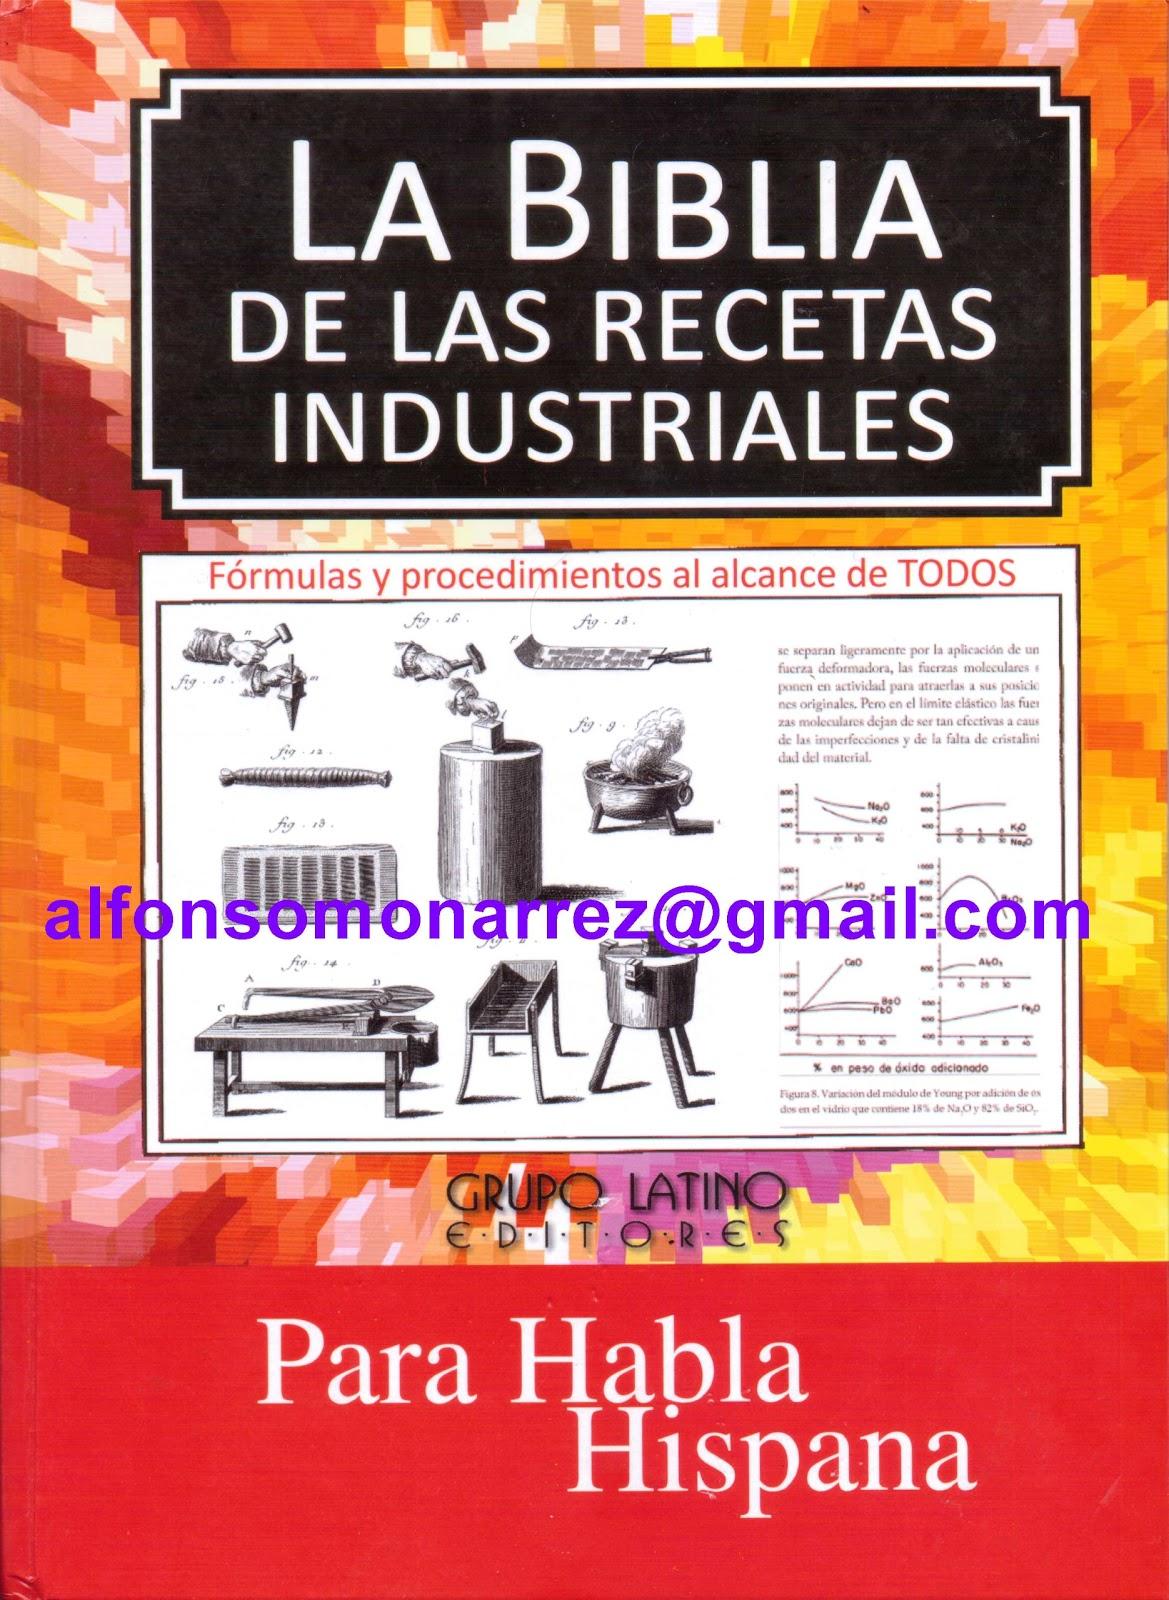 Libros la biblia de las recetas industriales formulas y for Libro la quimica y la cocina pdf